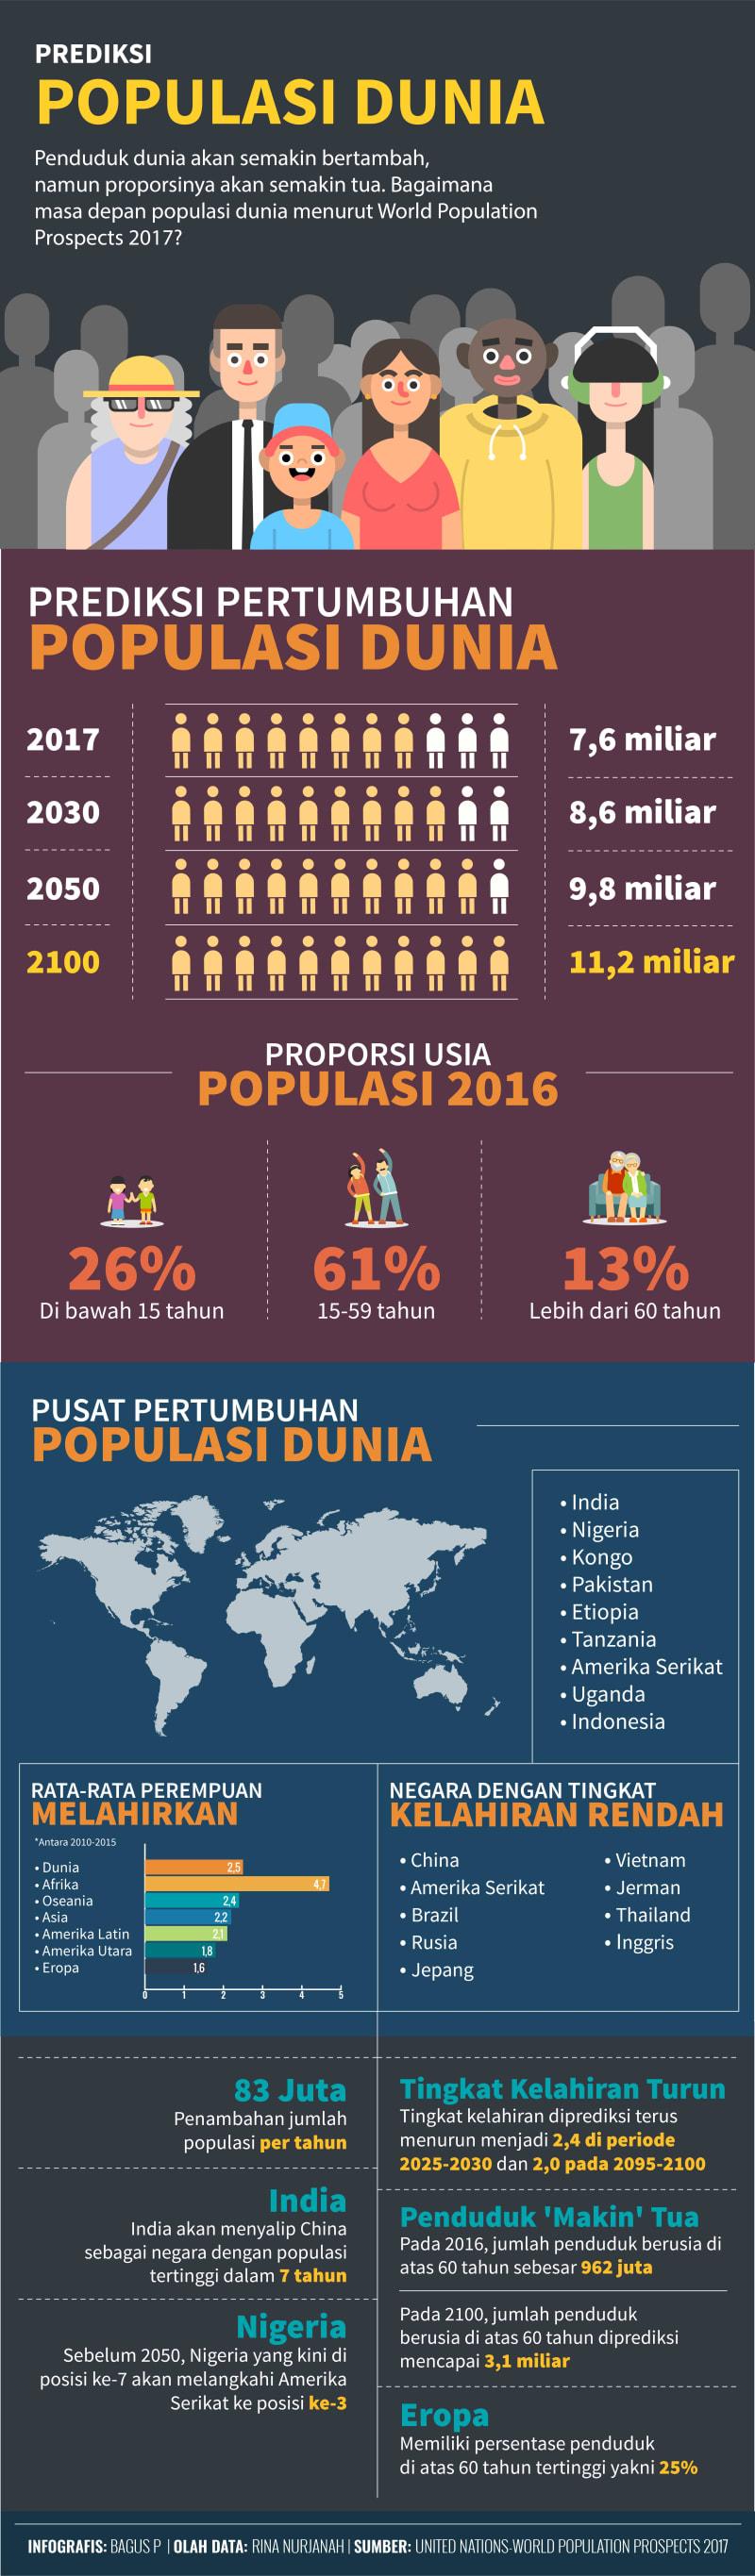 Infografis Prediksi Populasi Dunia Mendatang